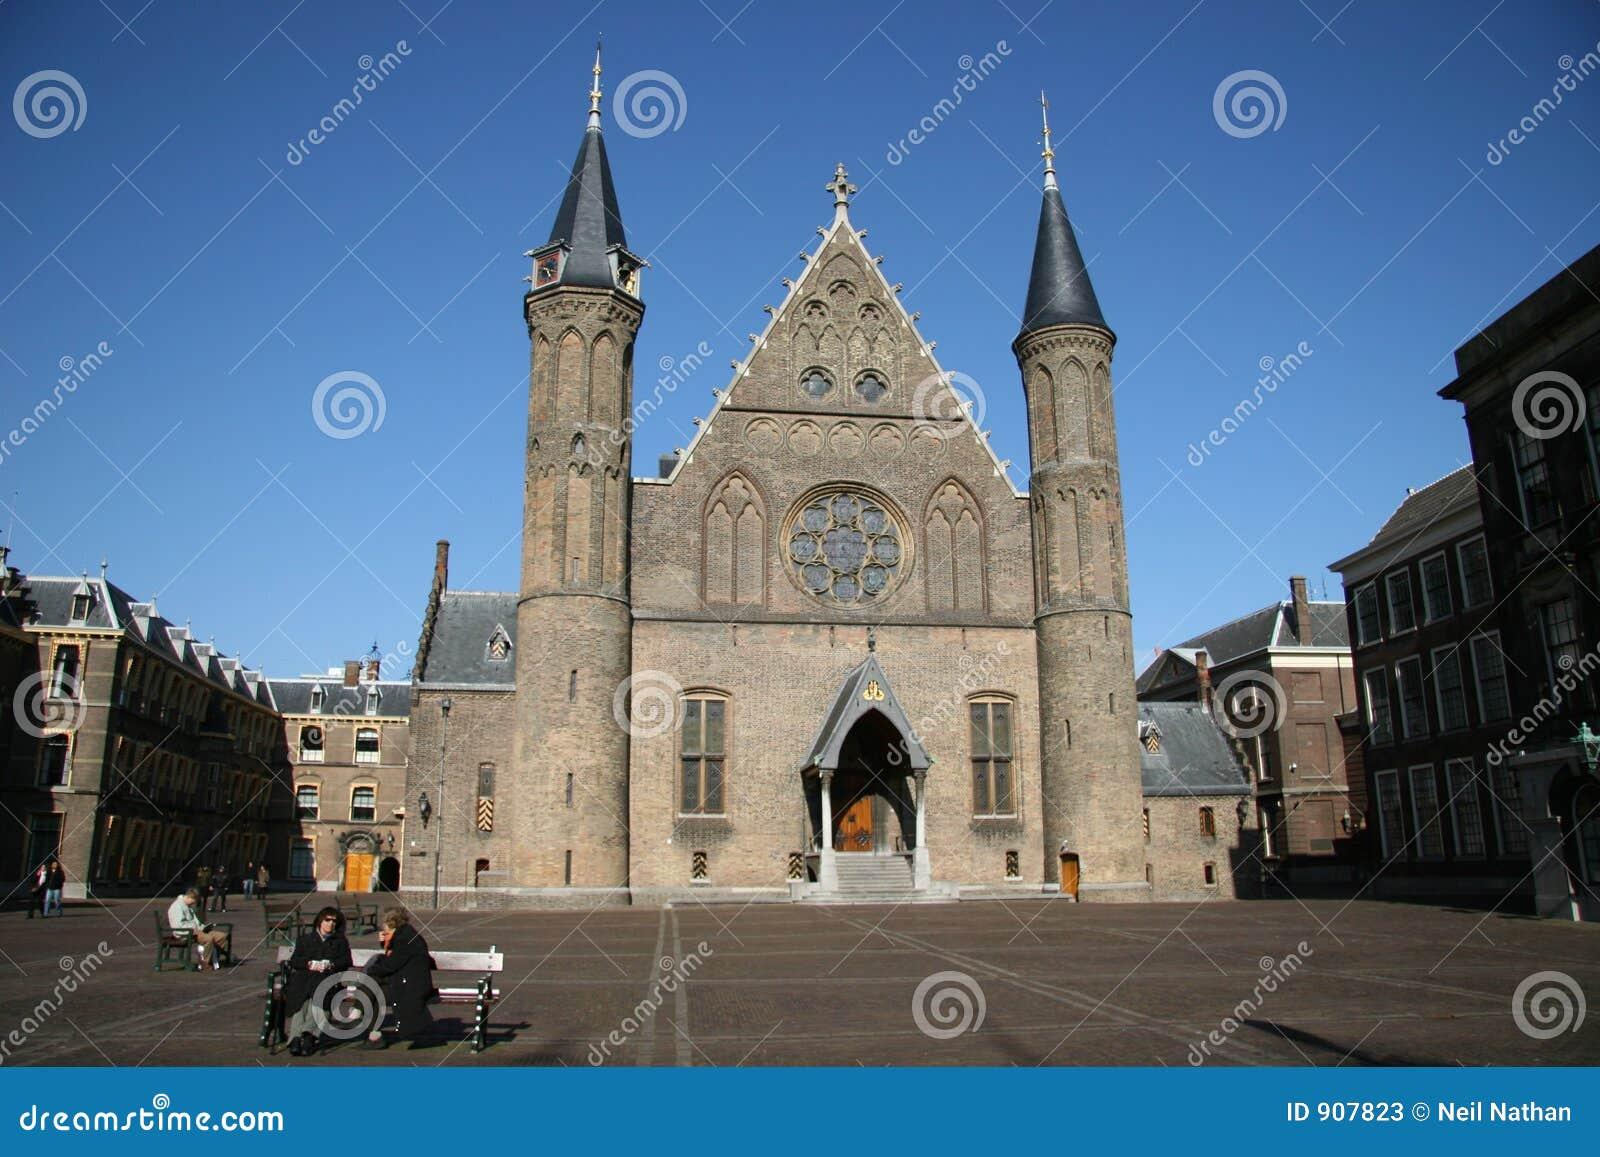 Ridderzaal (Knights Hall)